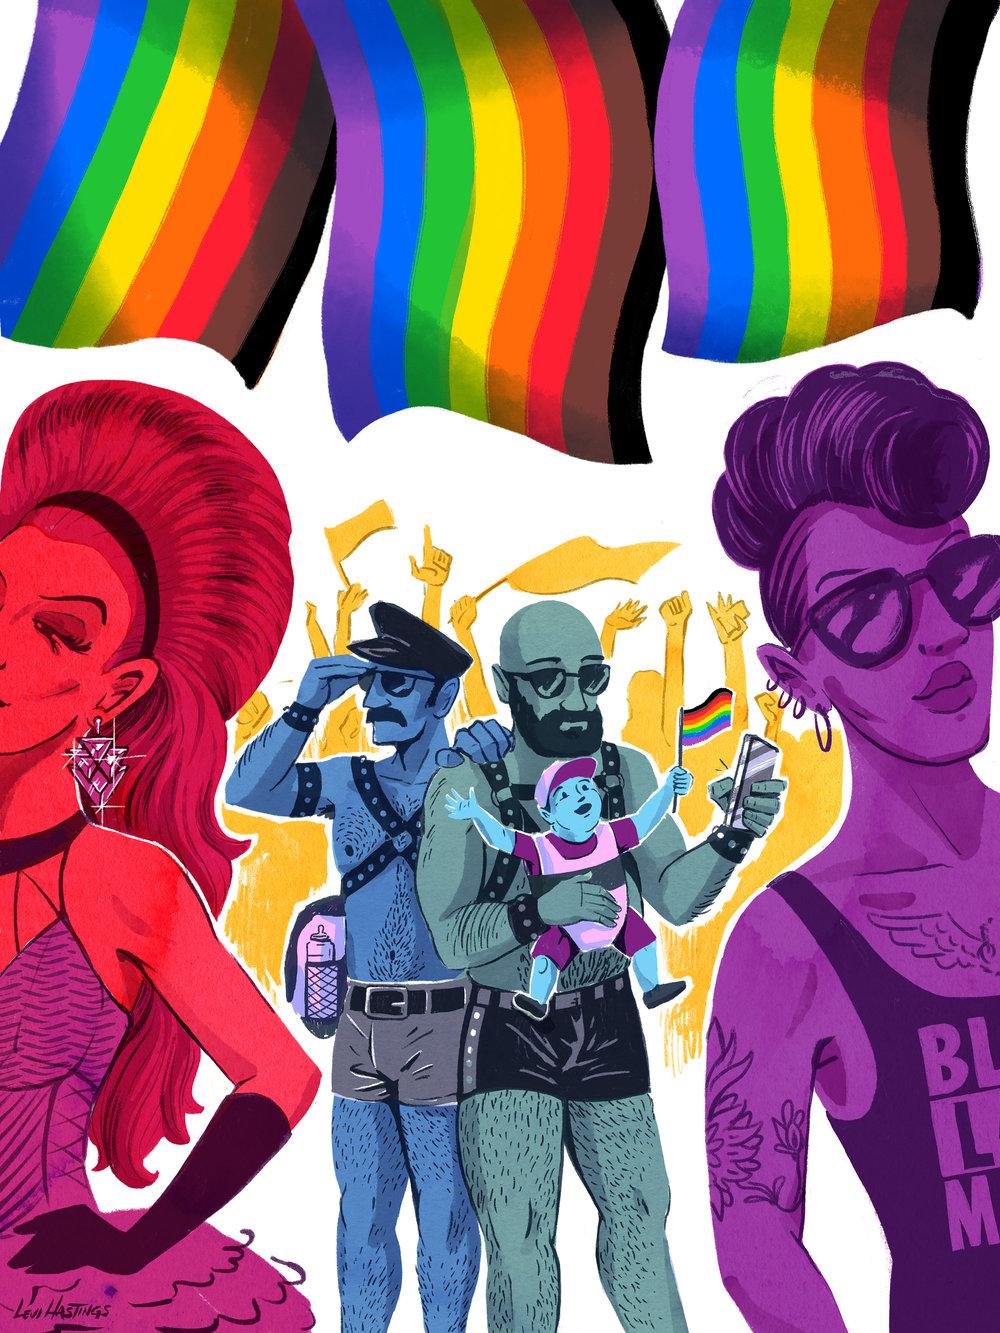 BuzzFeed_Pride-Reader FINAL.jpg